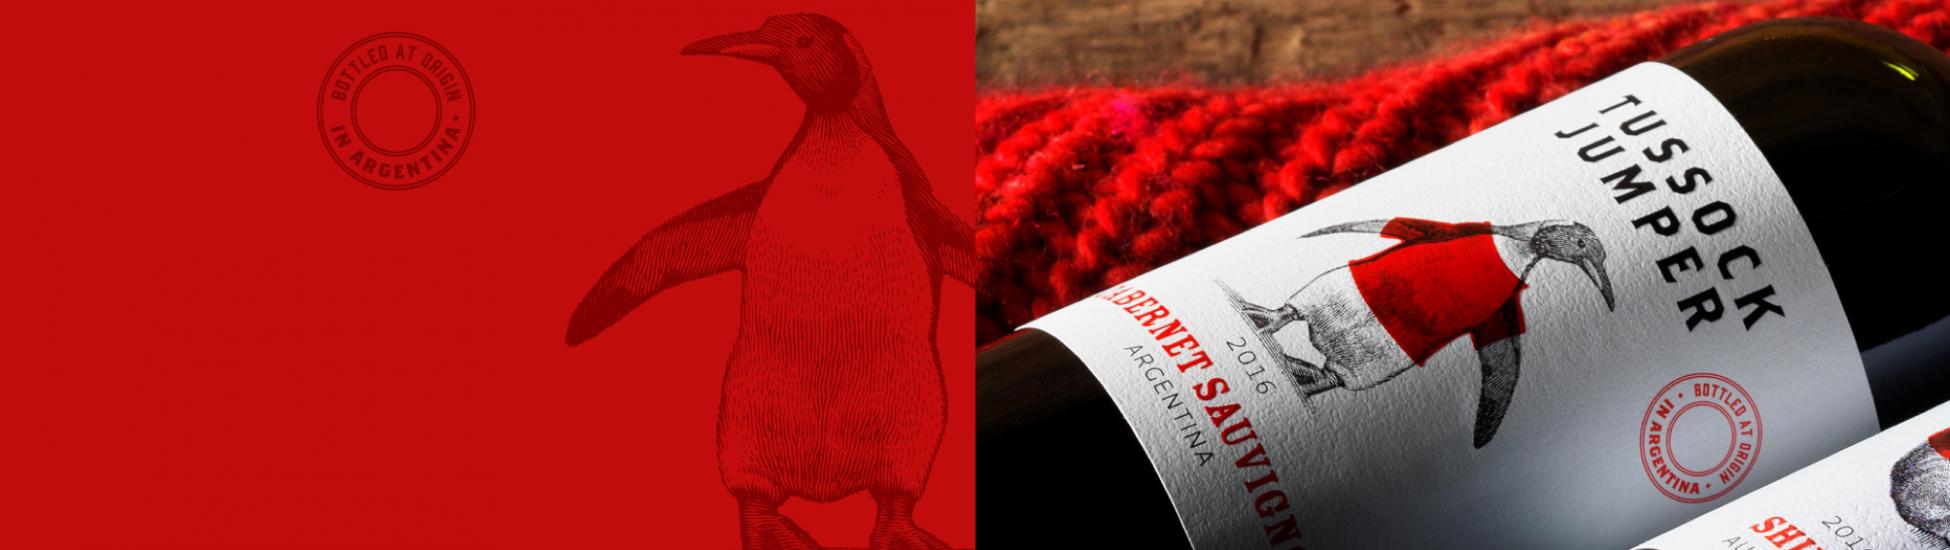 Tussock Jumper Wines - Argentina - Cabernet Sauvignon